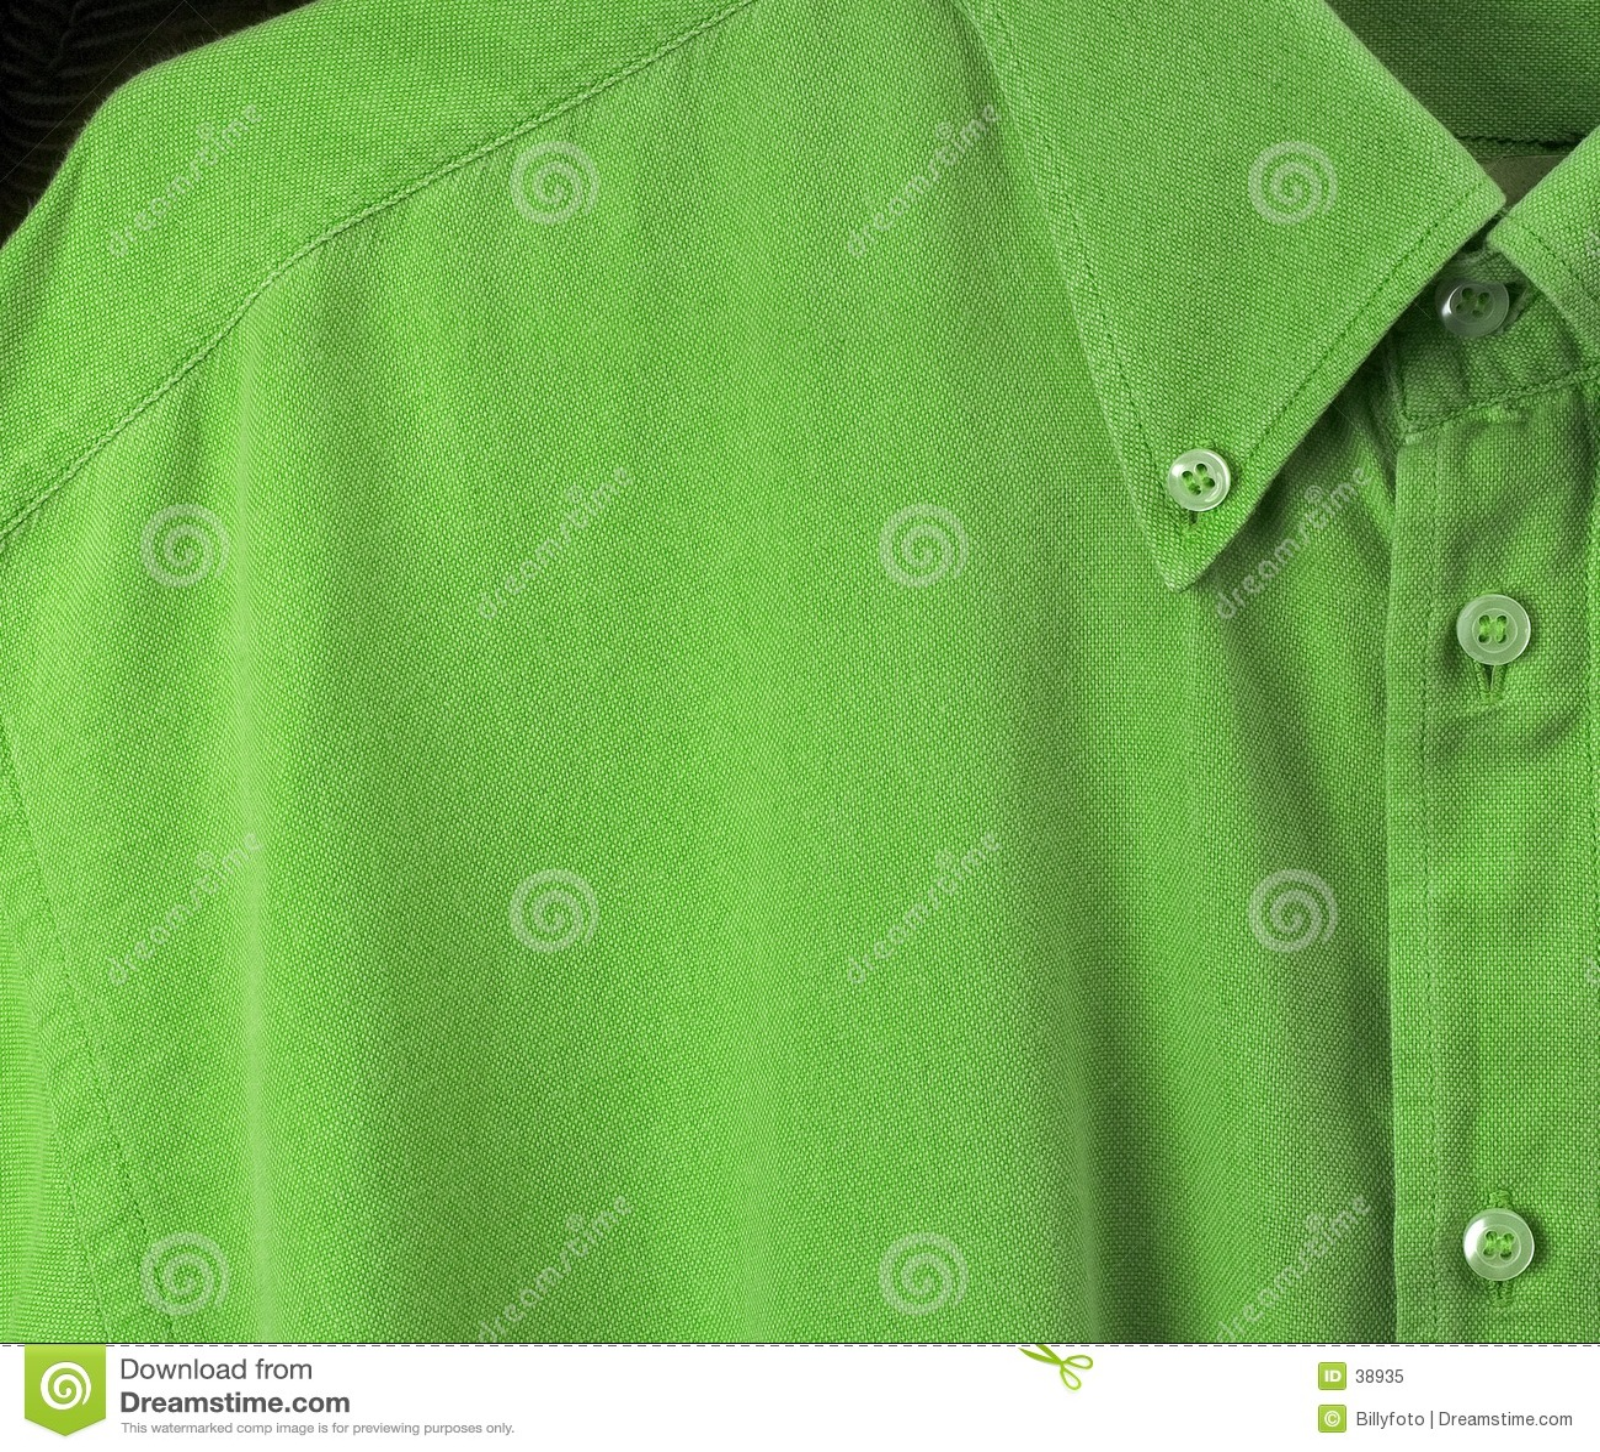 Overhemd Mintgroen.Groen Overhemd Stock Afbeelding Afbeelding Bestaande Uit Memorandum